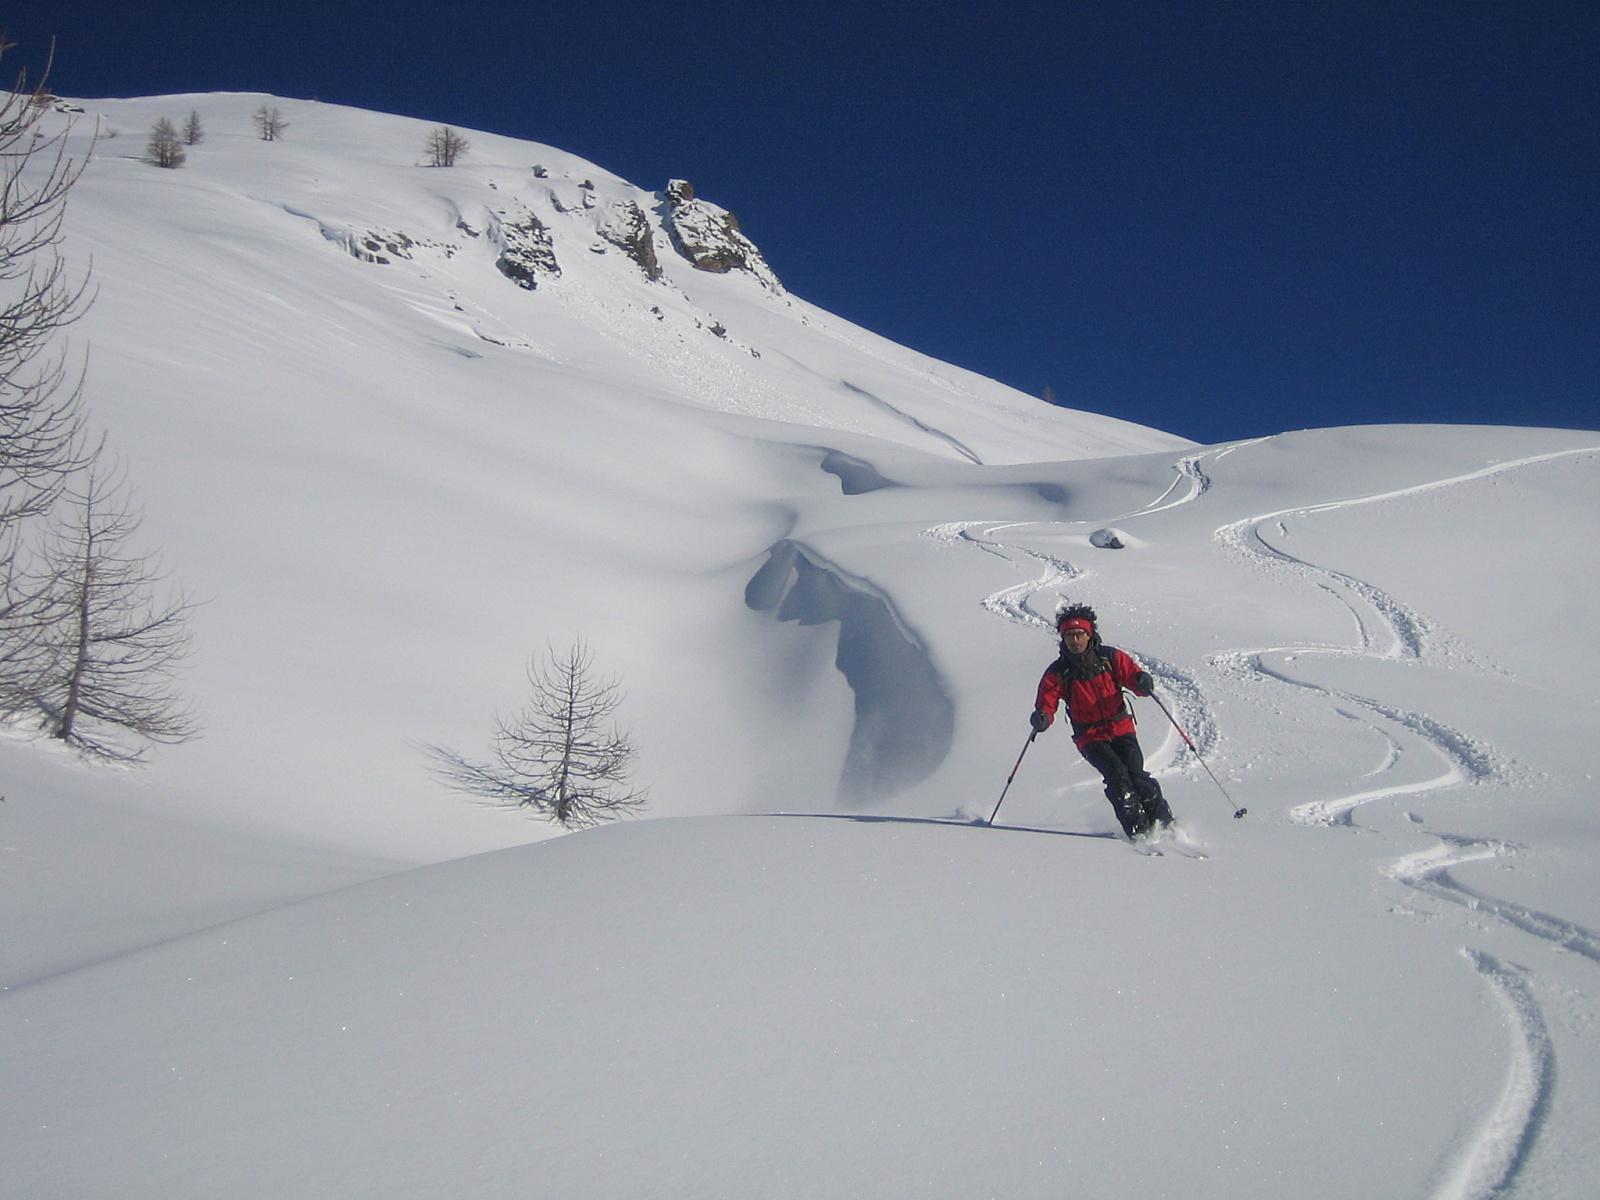 bella neve su tutto il percorso